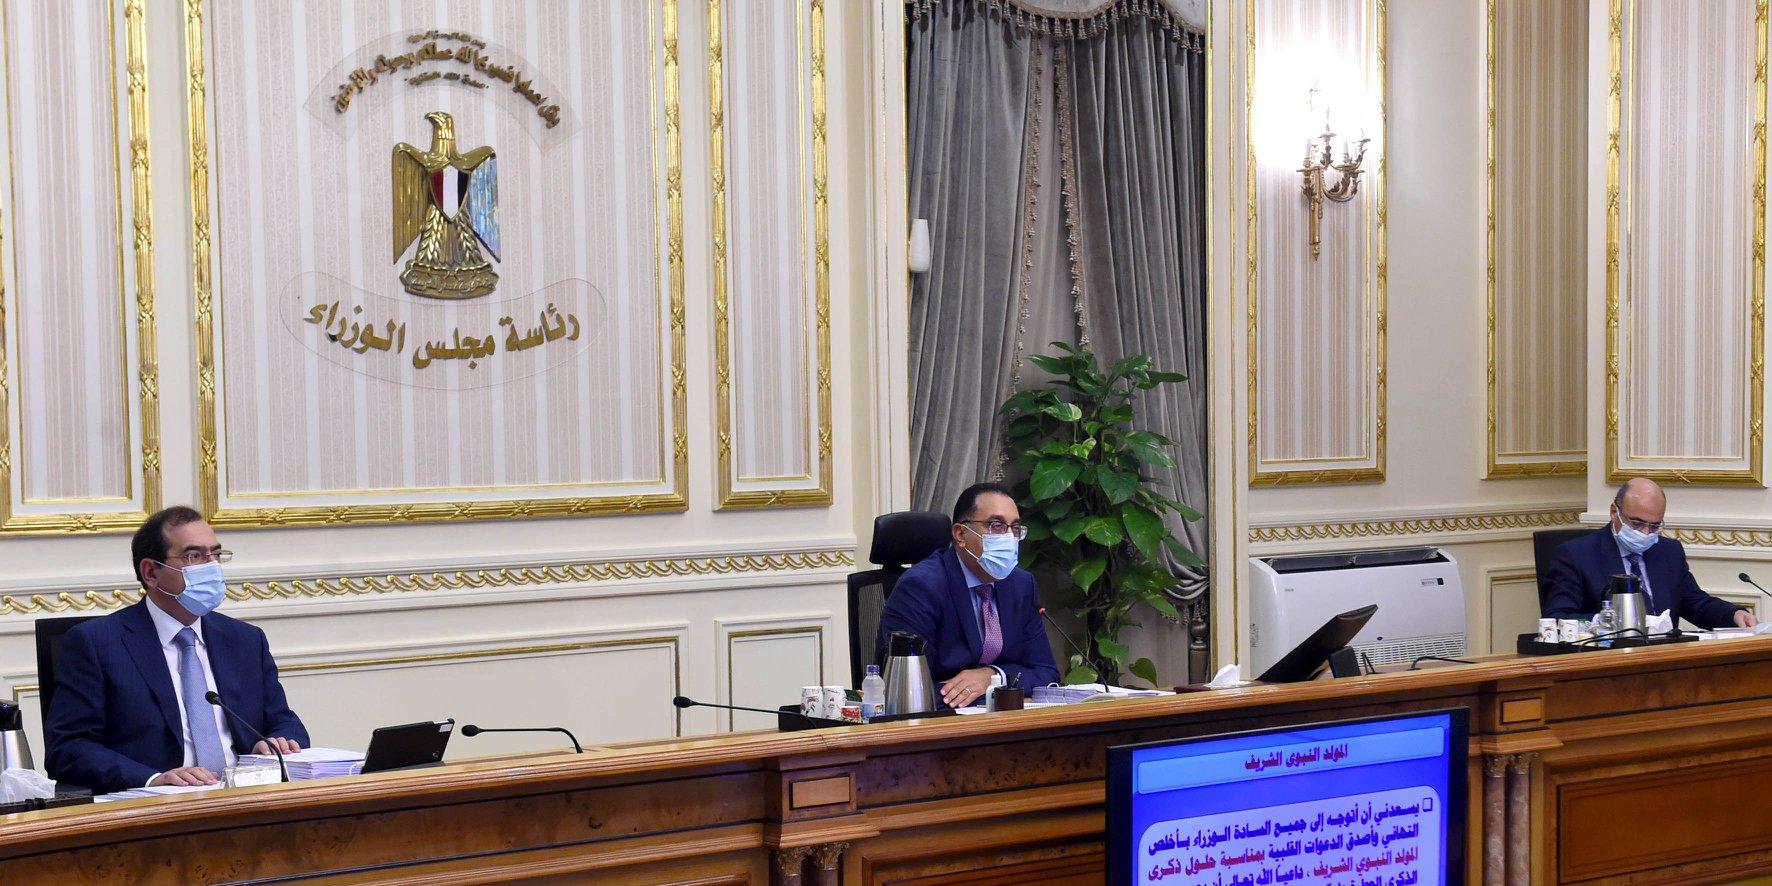 الحكومة تعلن مد فترة التصالح فى مخالفات البناء شهرا استجابة لمطالب المواطنين